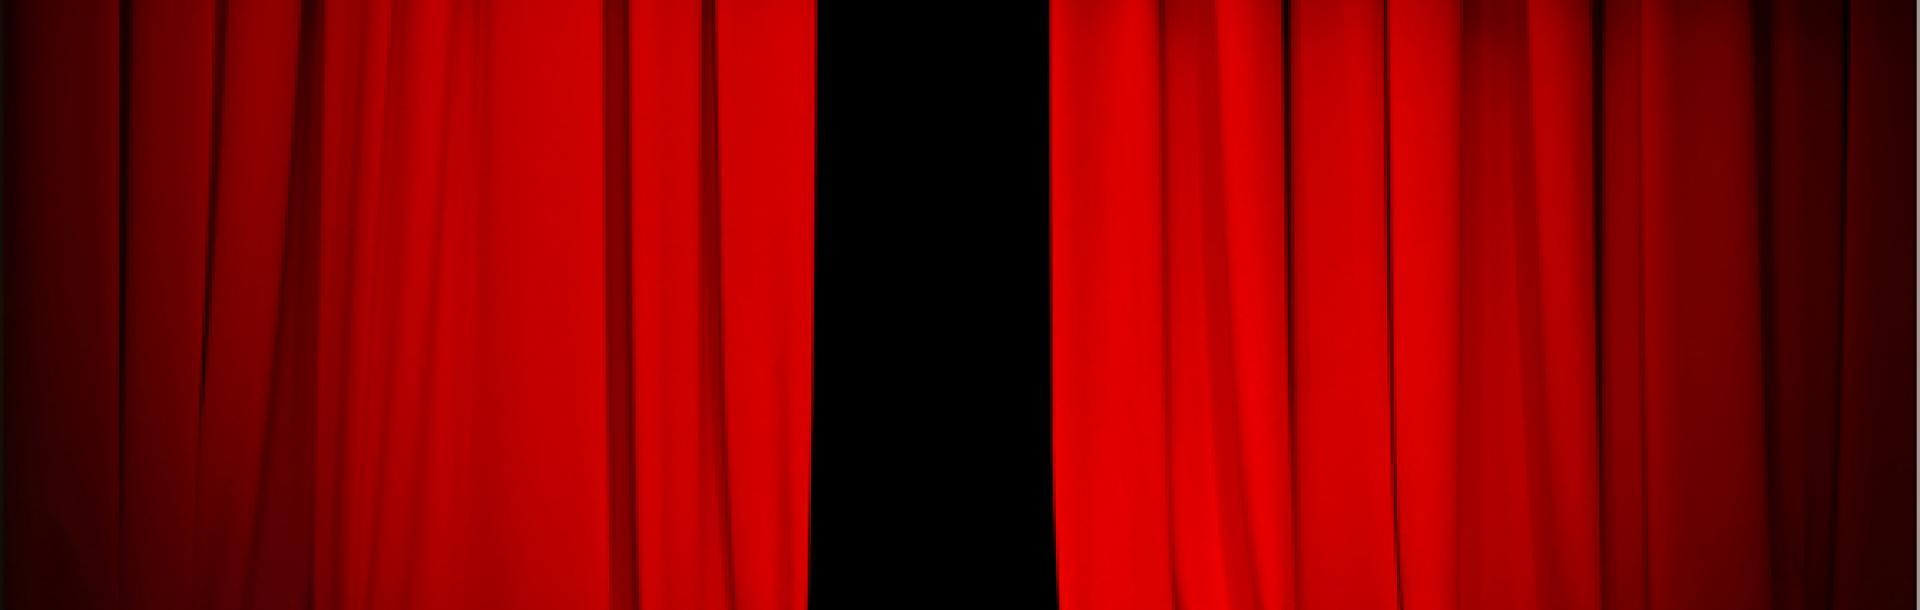 הבמה מתפקדת כאבן הבוחן לזיהוי מגמות בחברה בה היא מתקיימת ובזמן המדובר.